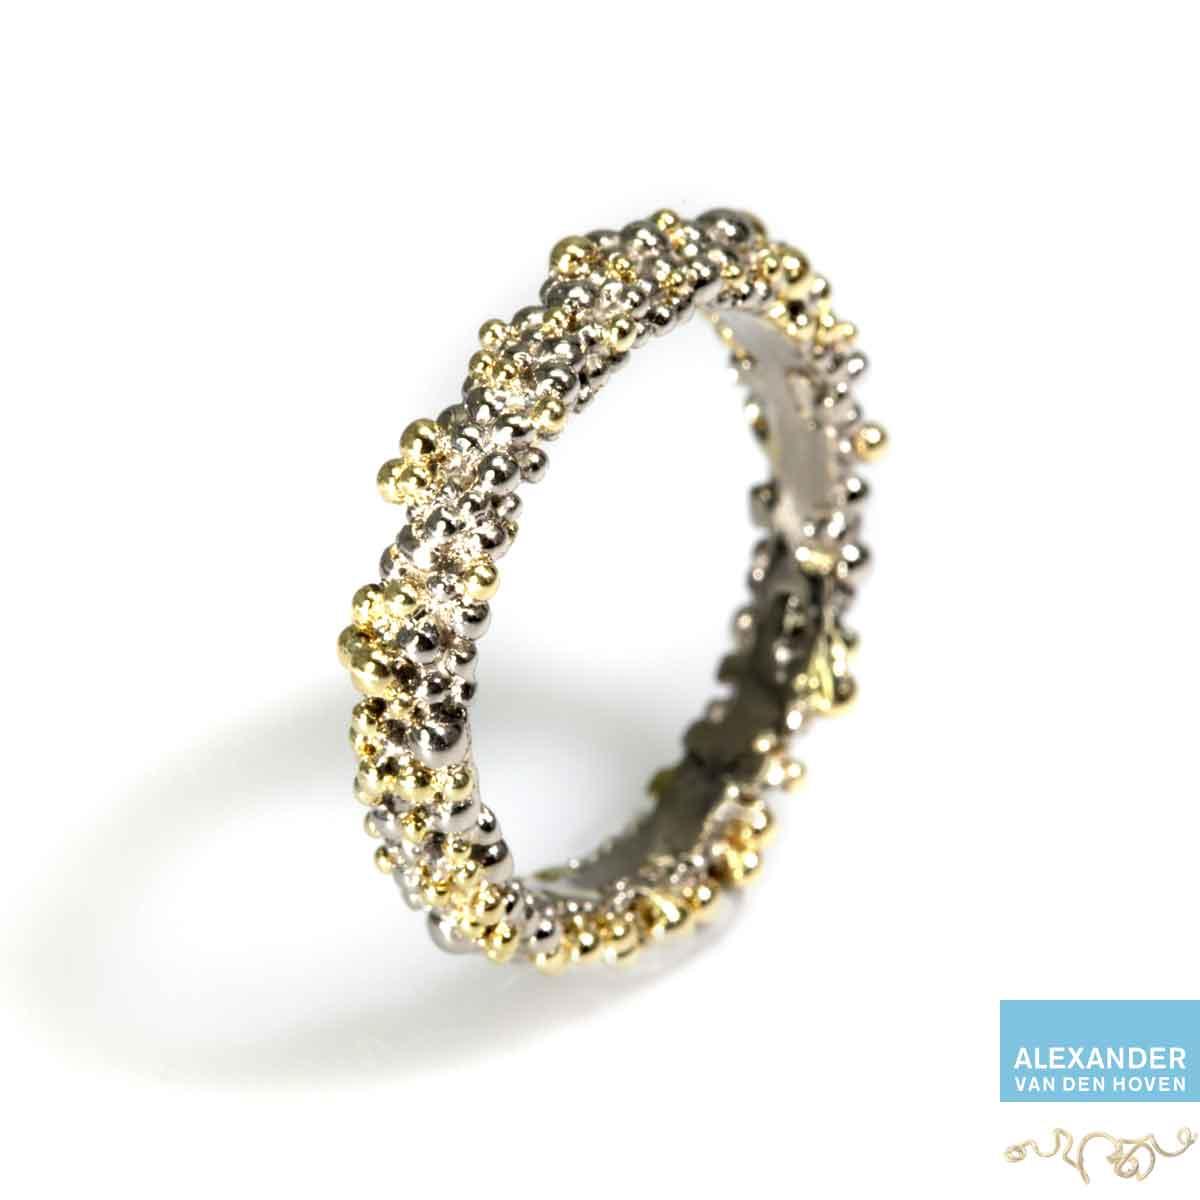 bolletjes-ring-witgoud-platina-korrels-granules